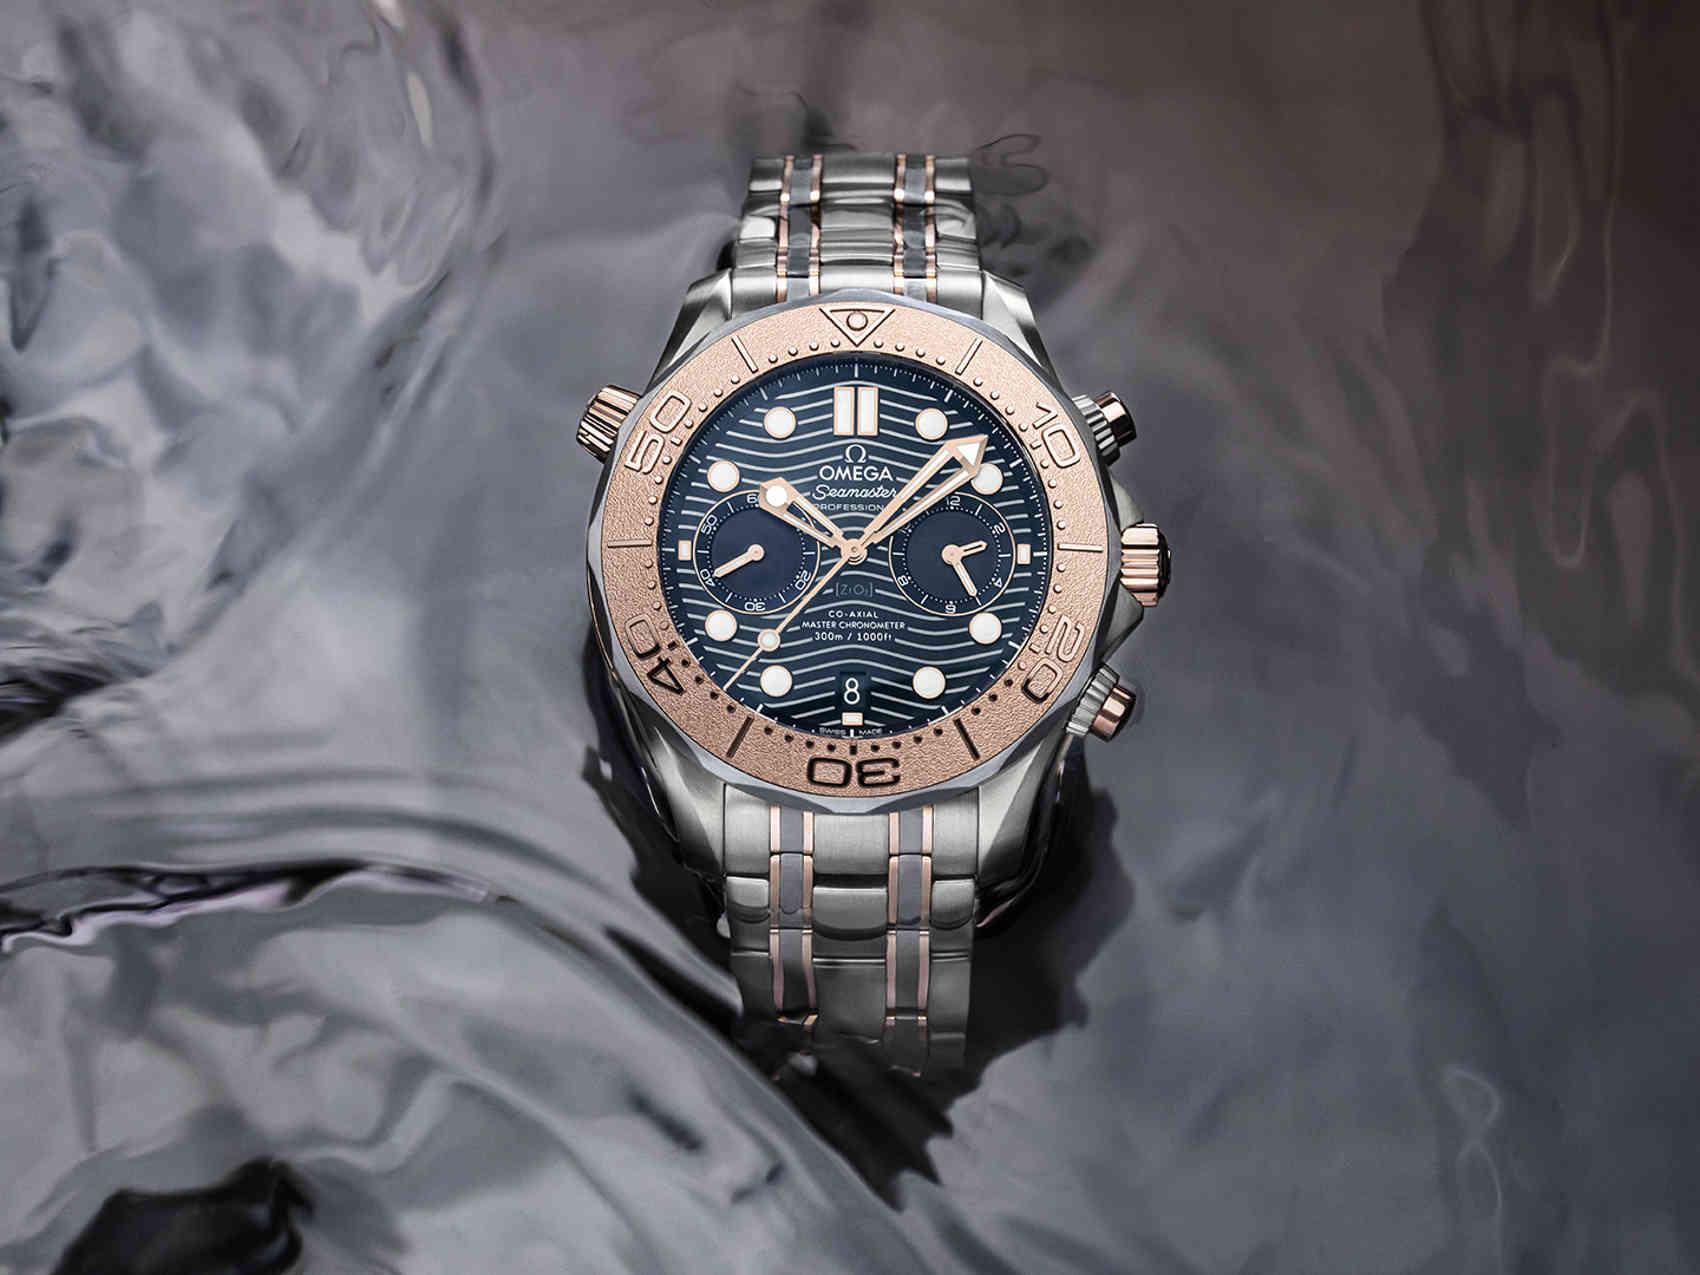 Omega Seamaster Diver 300M Chronograph portada